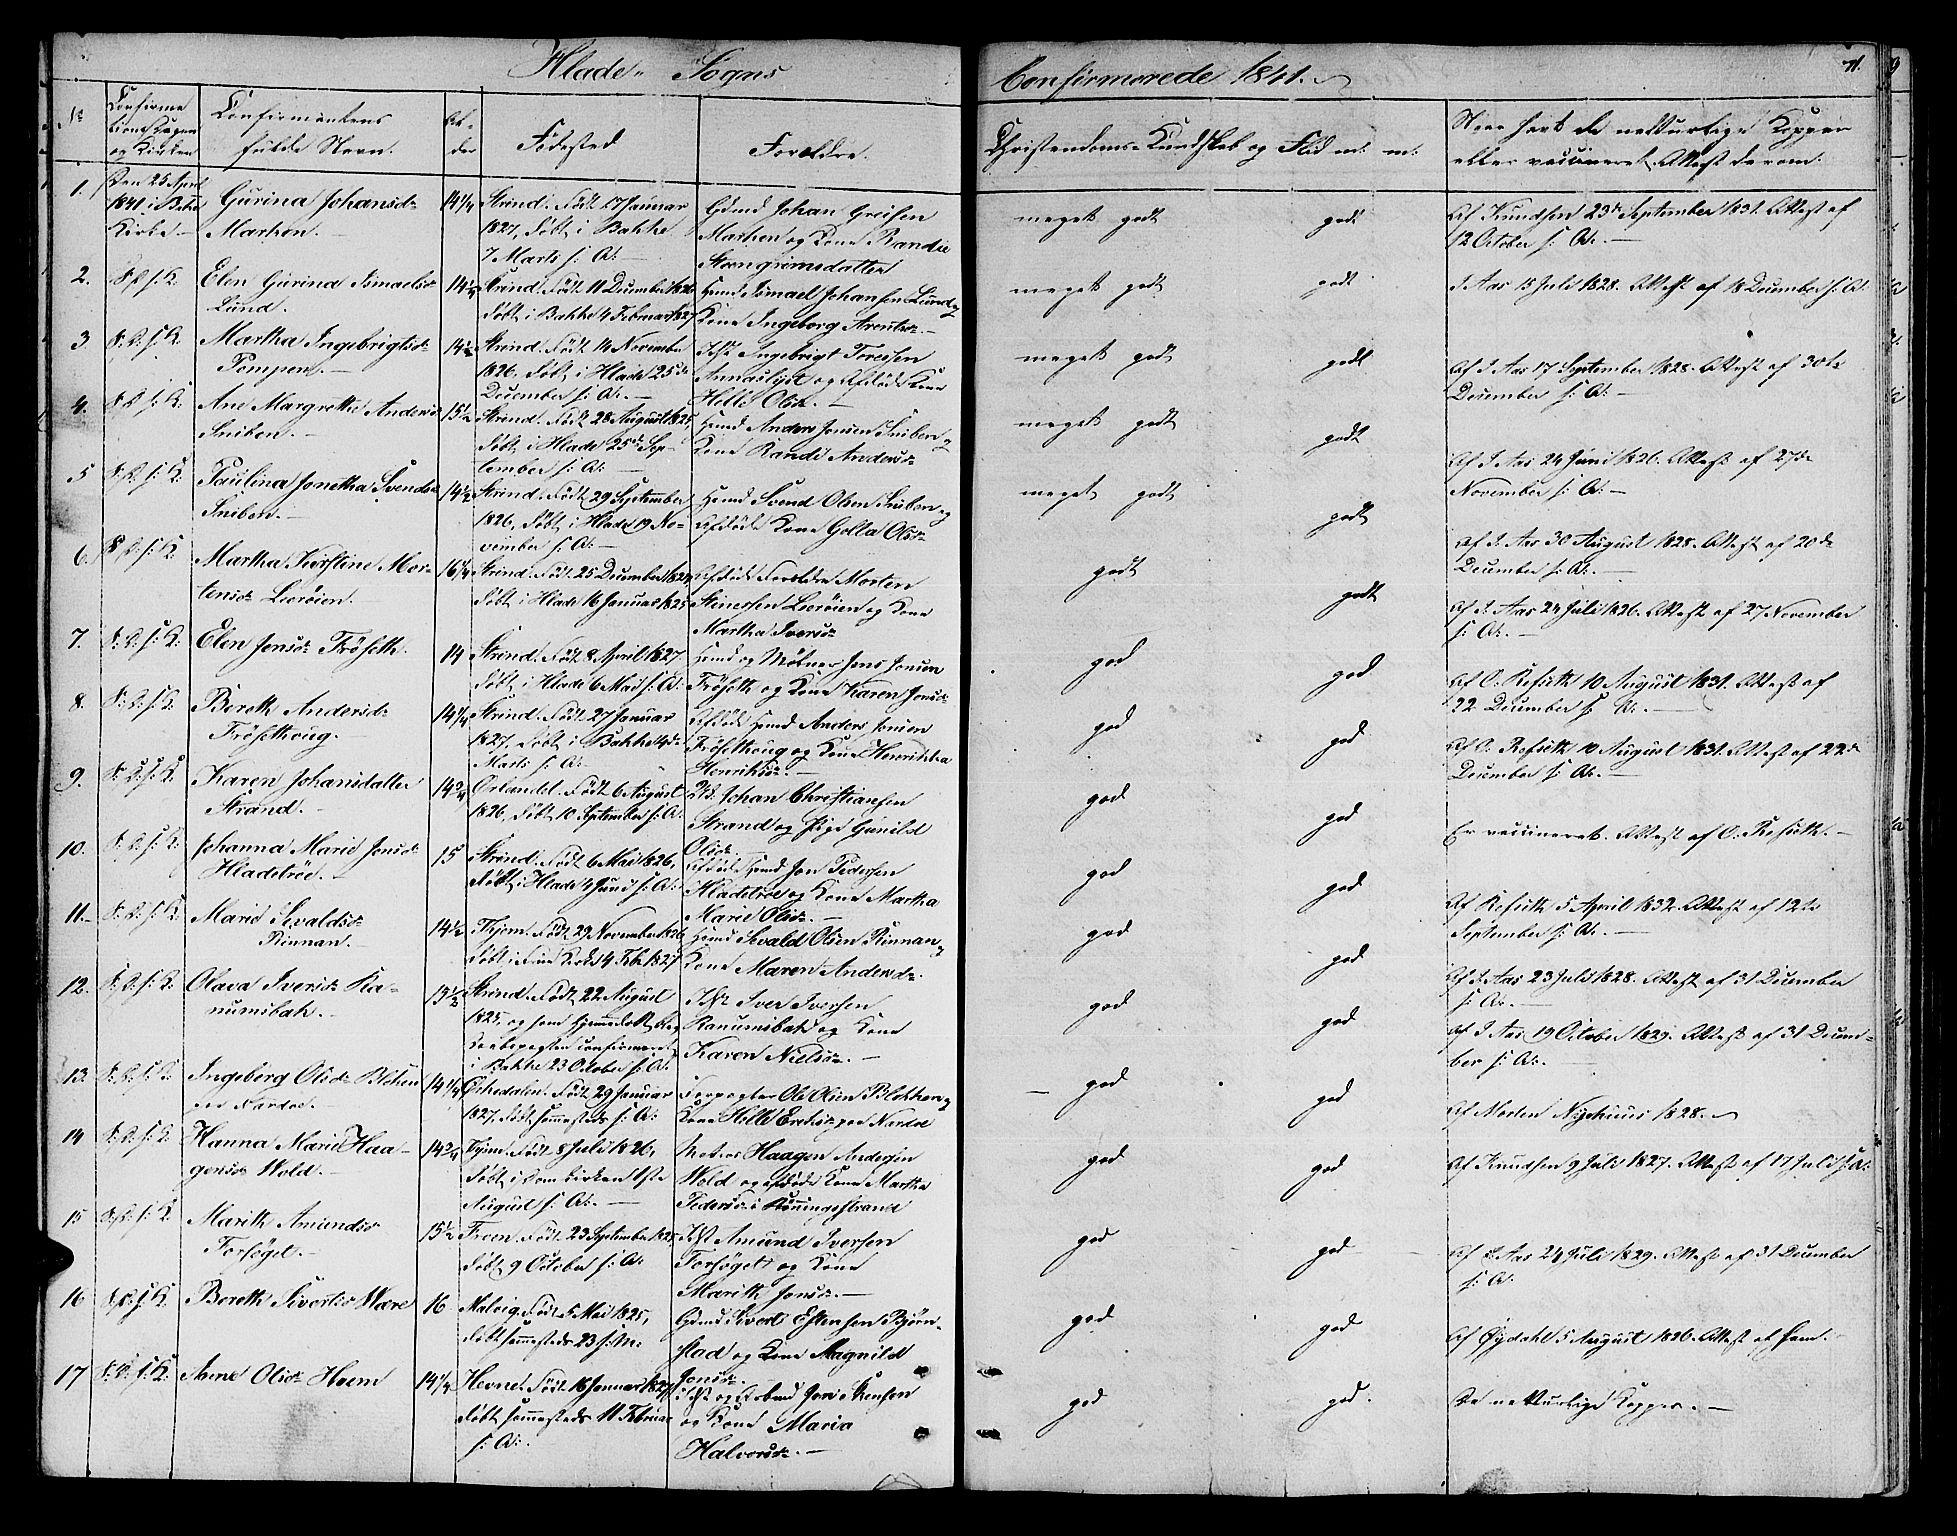 SAT, Ministerialprotokoller, klokkerbøker og fødselsregistre - Sør-Trøndelag, 606/L0309: Klokkerbok nr. 606C05, 1841-1849, s. 71